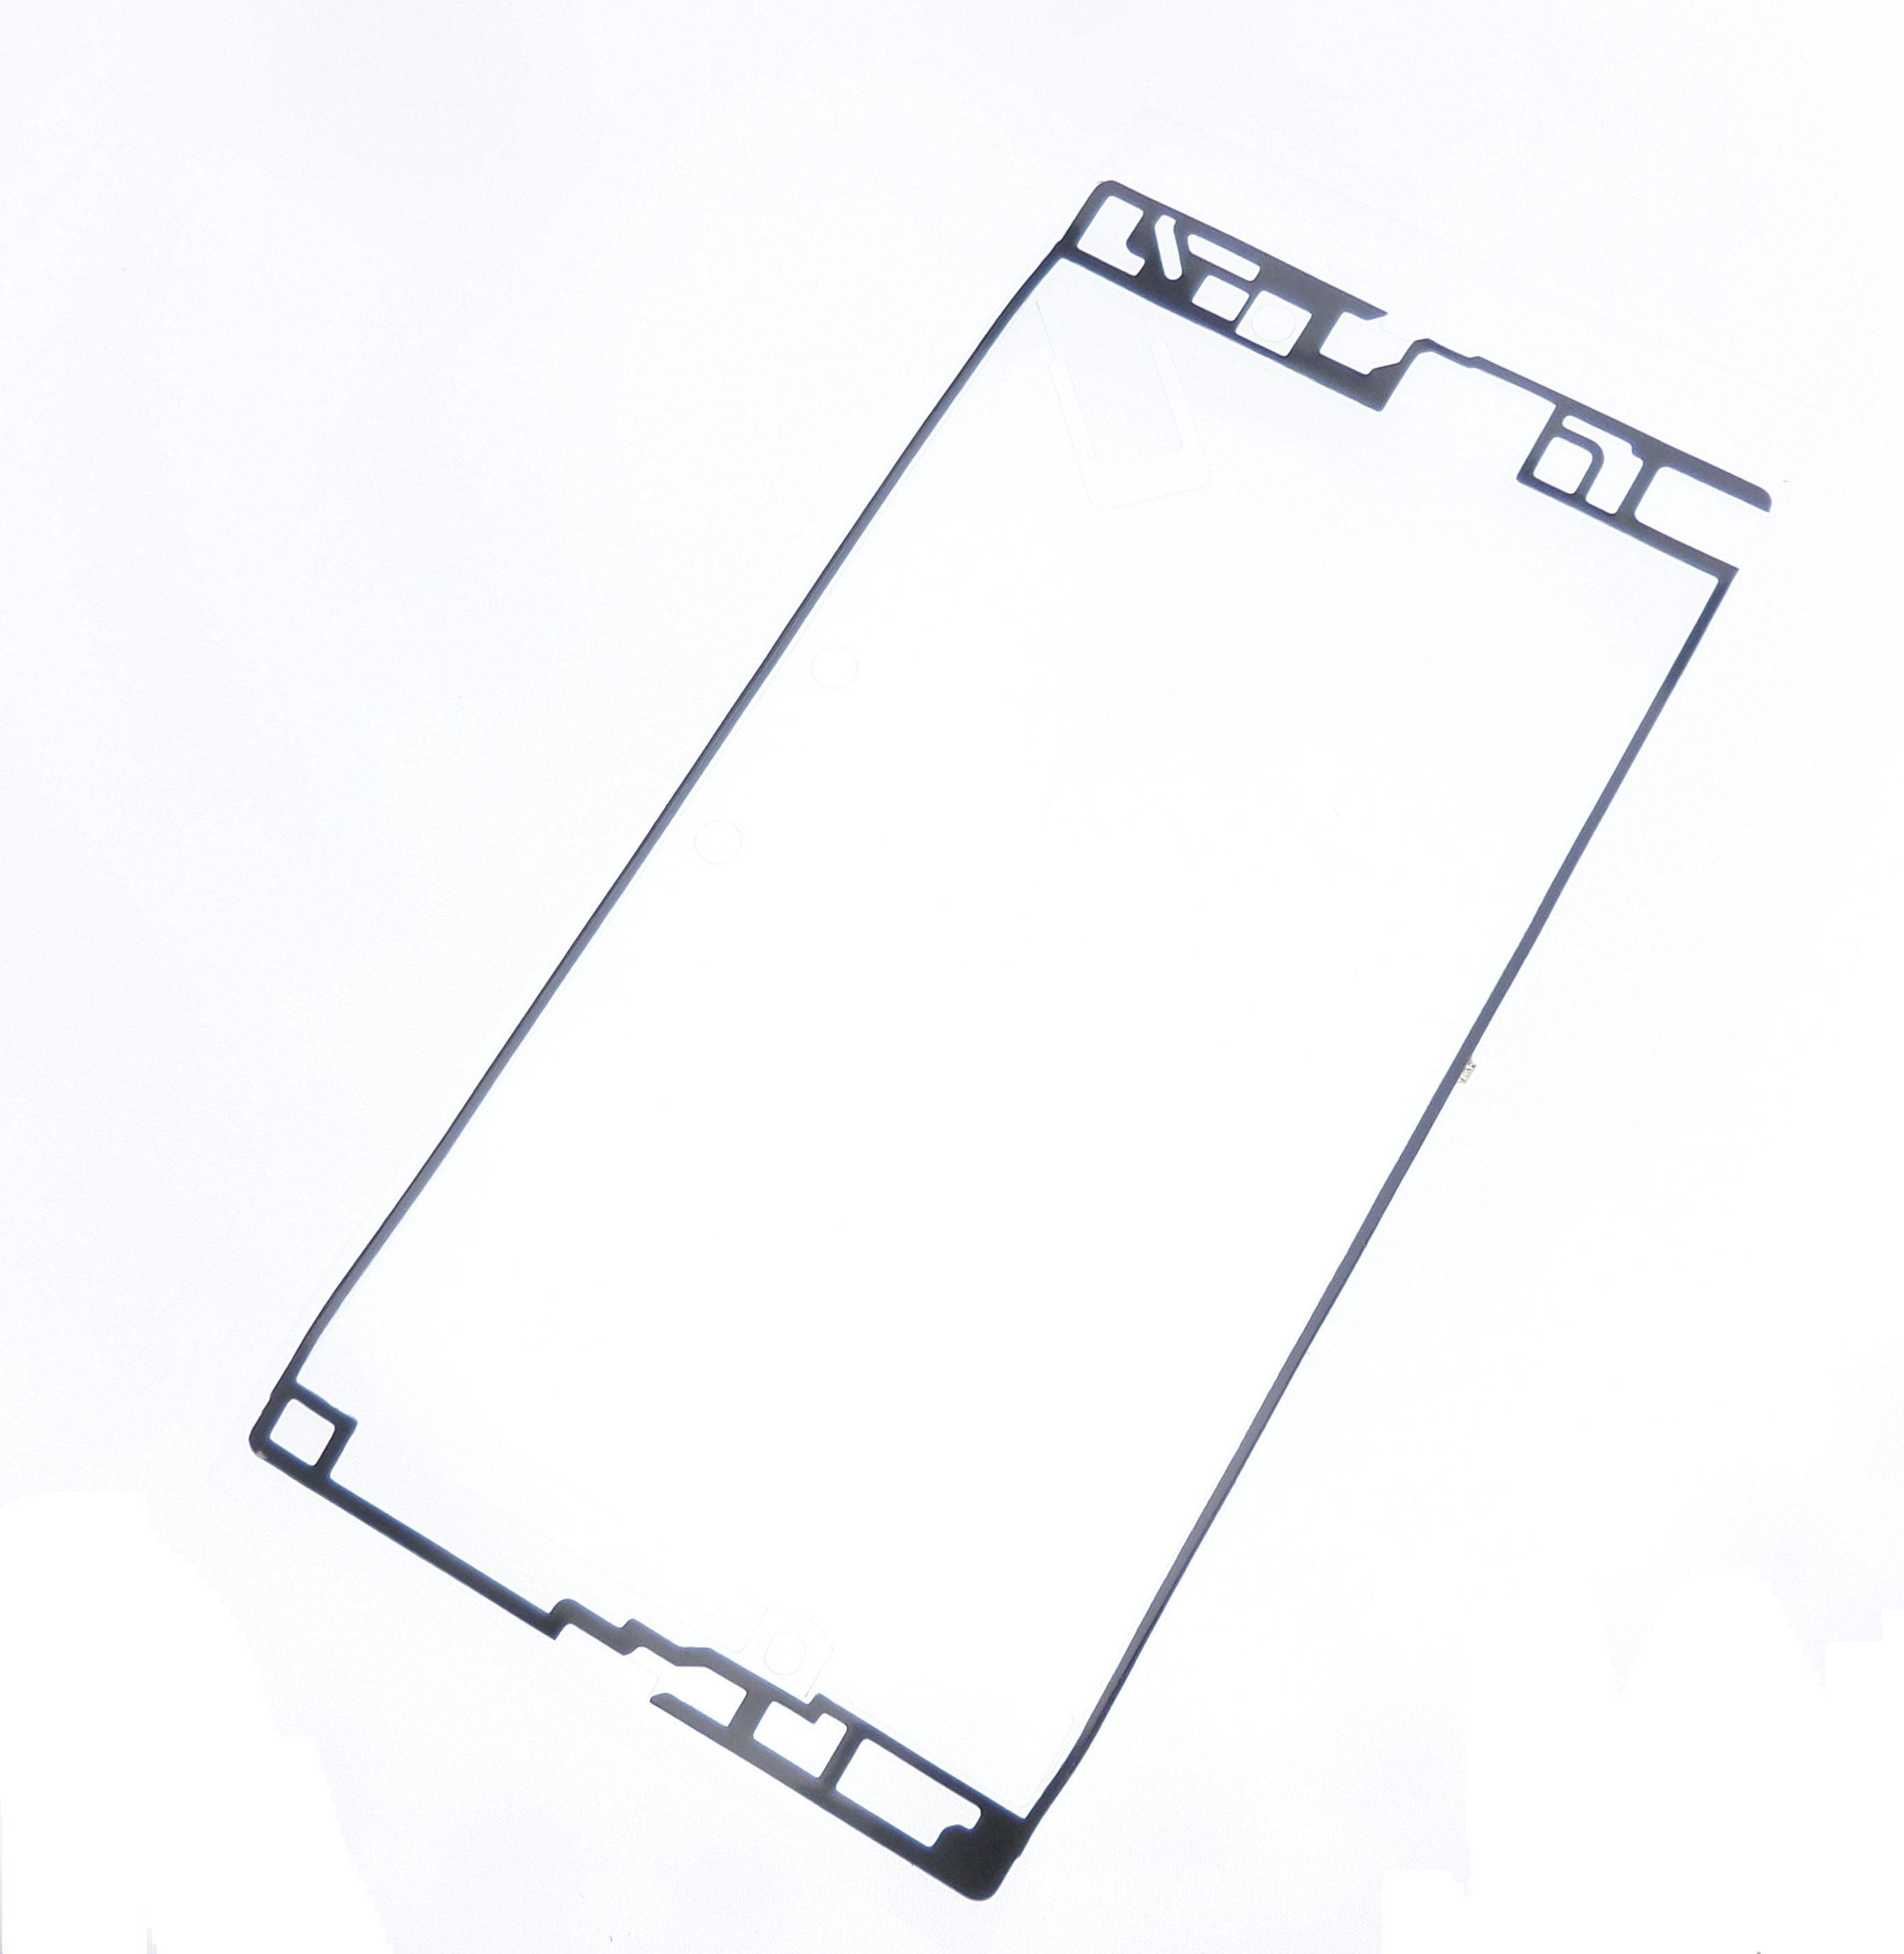 Adhésif pour le bloc lcd + tactile avant Sony Xperia Z ultra C6833 C6802 C6603 XL